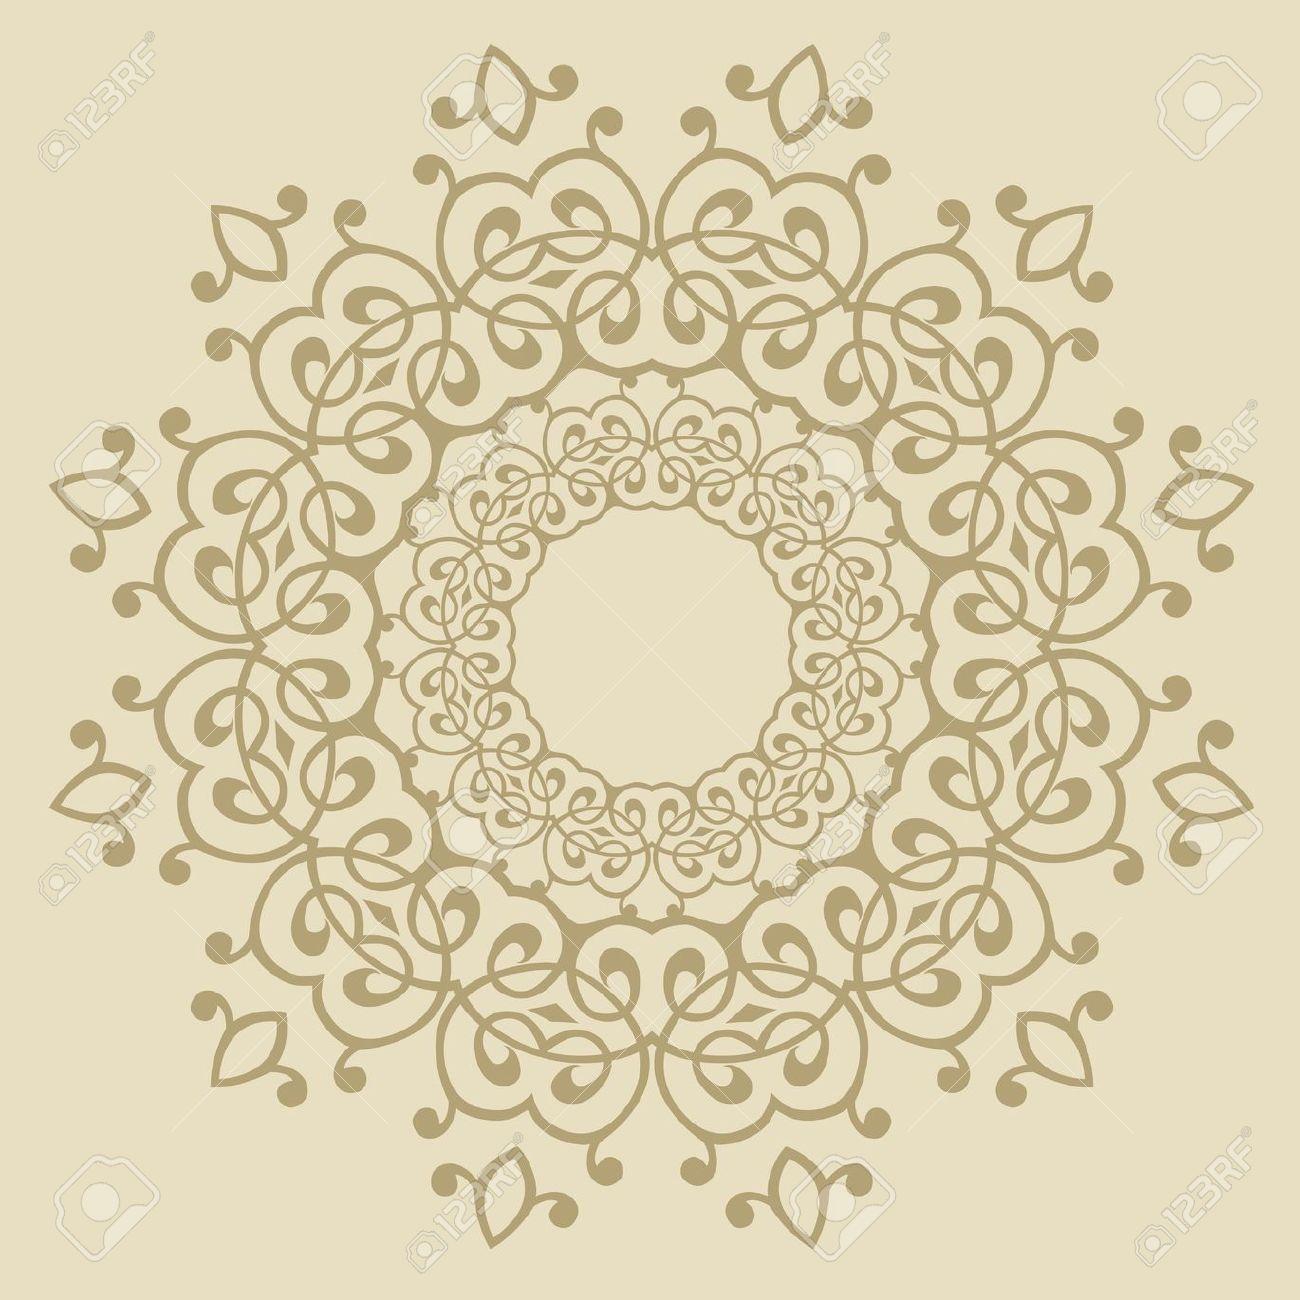 pin von judy liu auf invitations | islamische muster